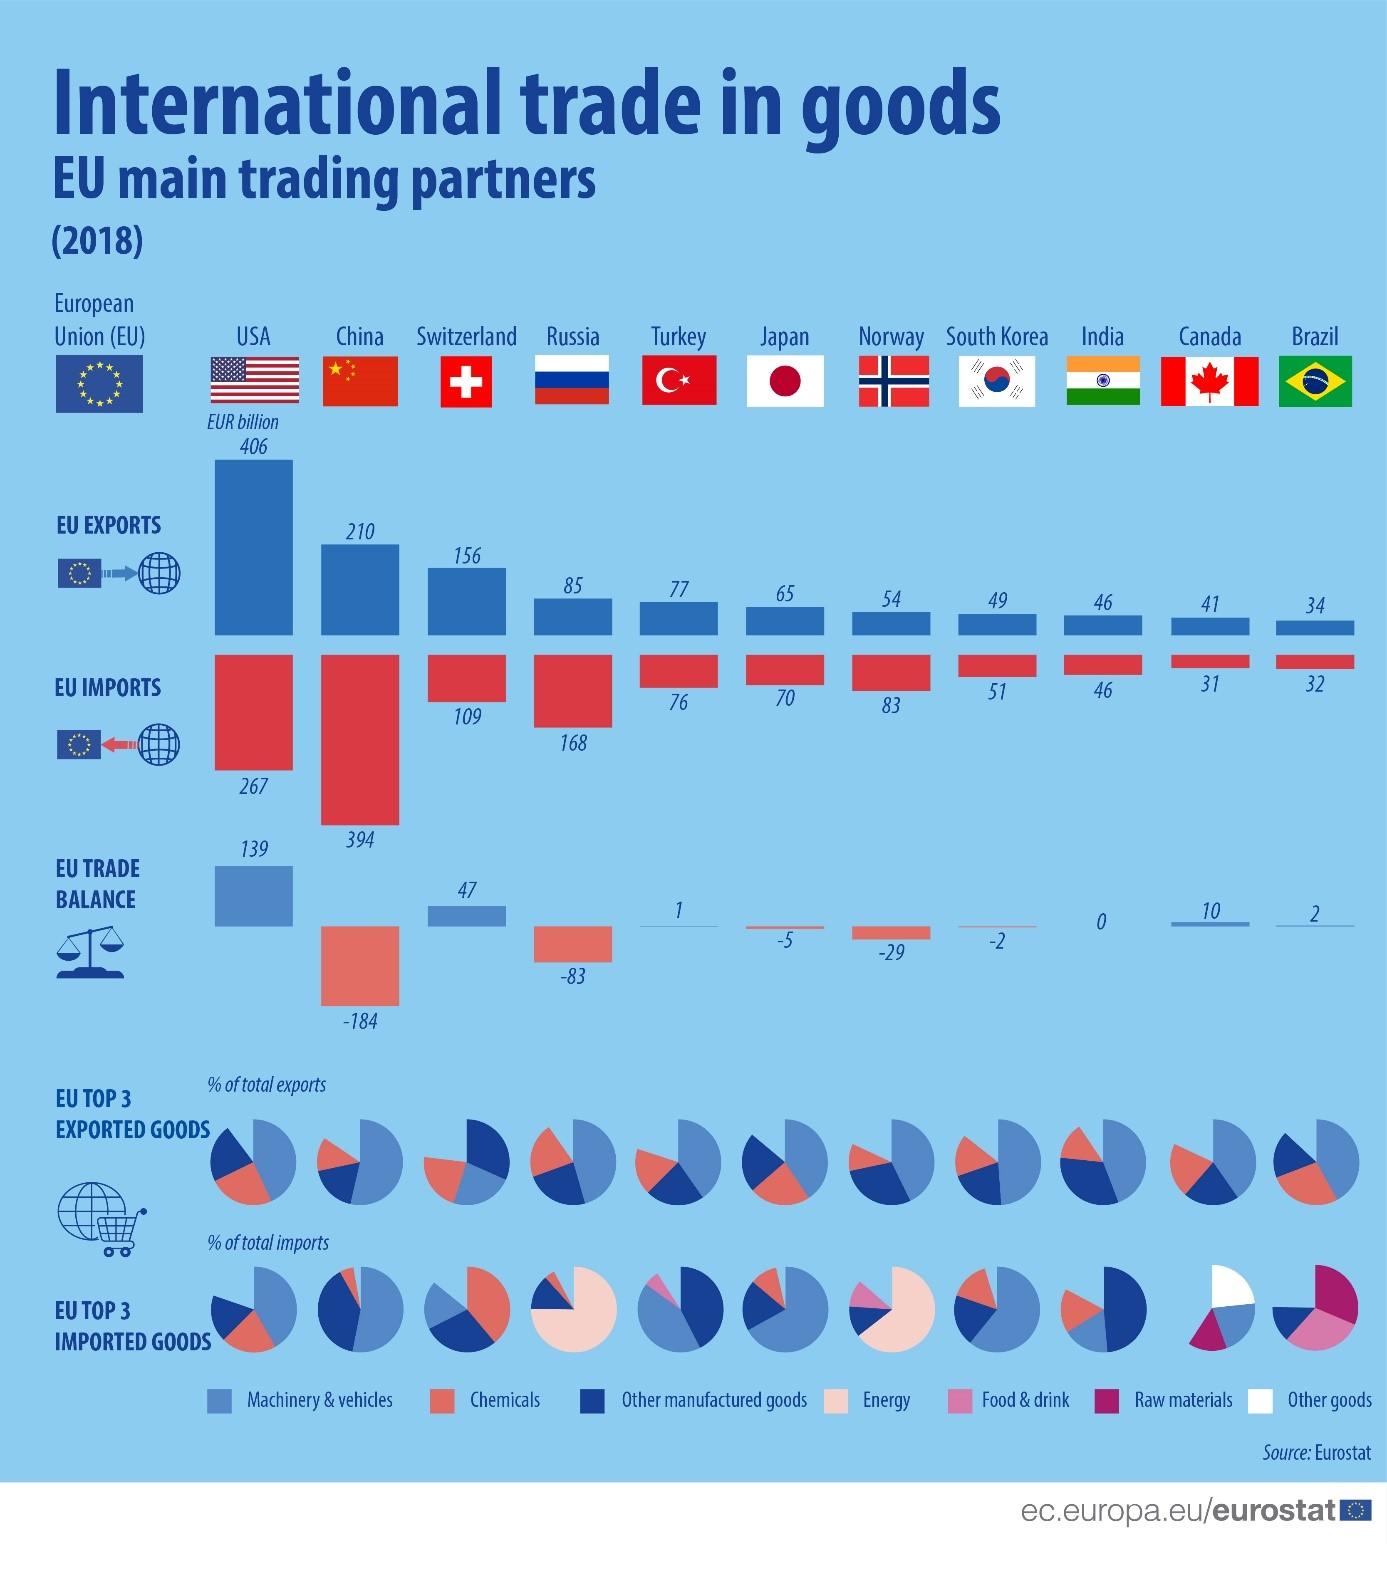 Partenaires commerciaux de l'Union européenne (c) Eurostat 2019